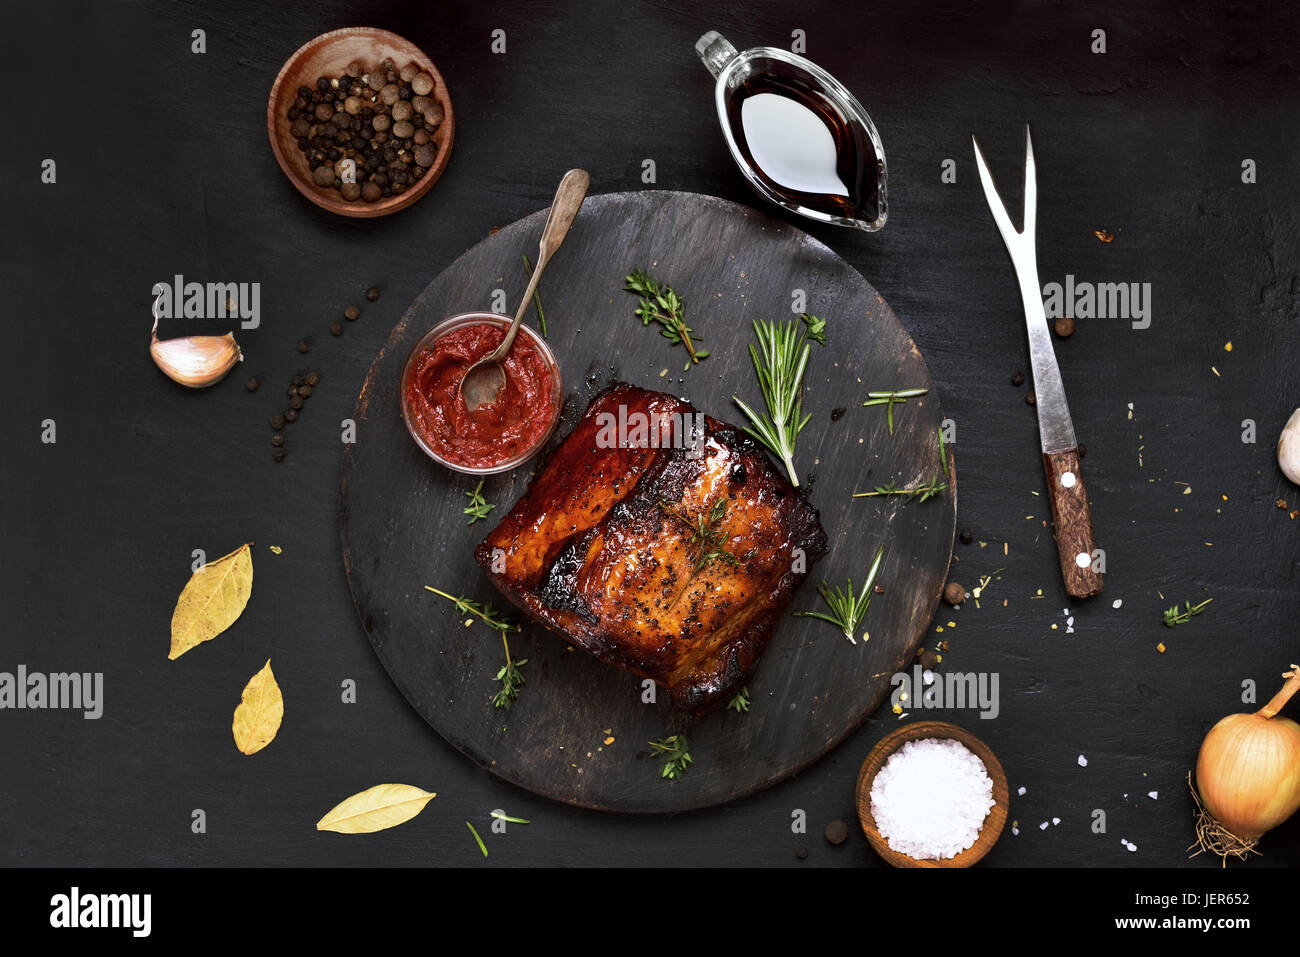 Gegrilltes Fleisch auf Holzbrett auf schwarzem Hintergrund, Ansicht von oben Stockbild